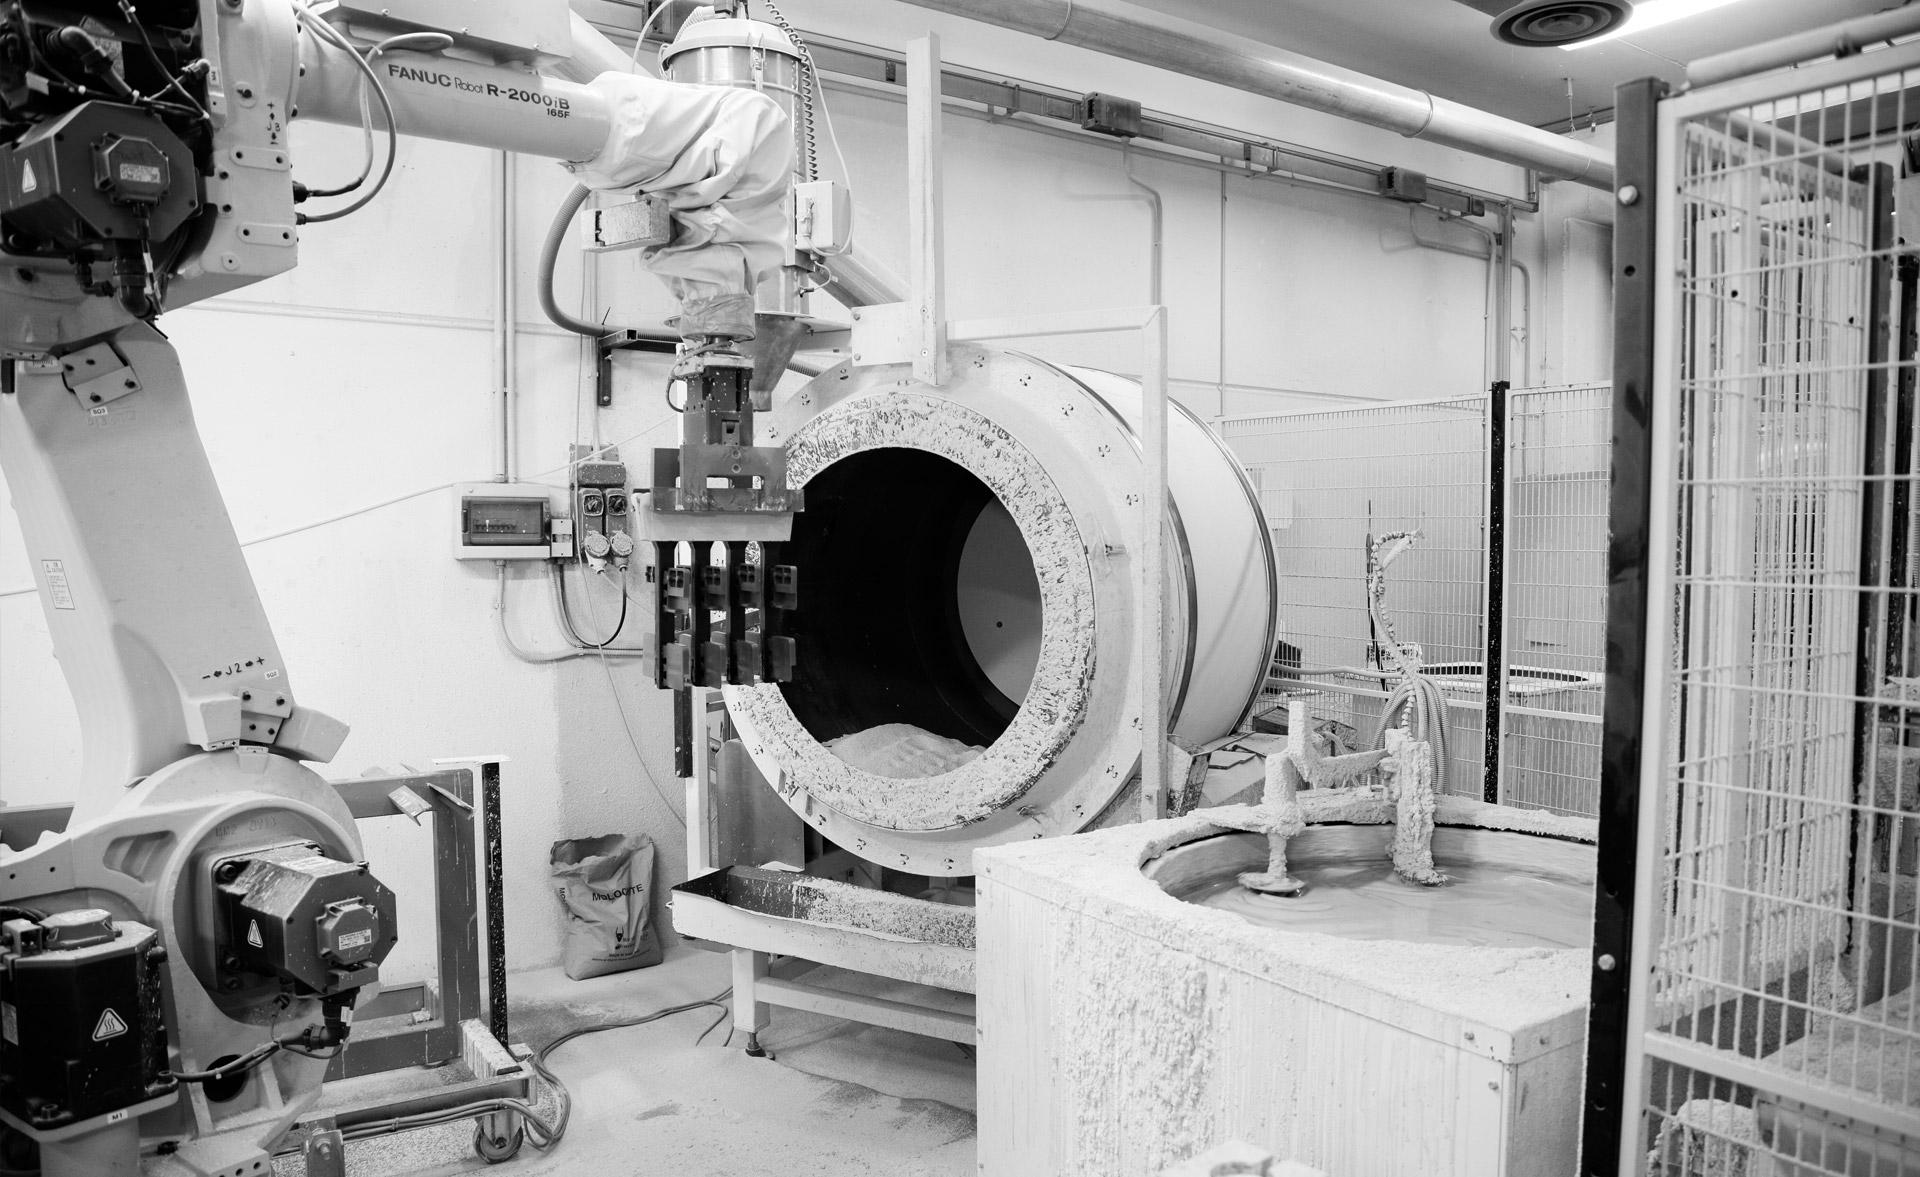 Calibe produce e vende cabine e box doccia su misura in cristallo e acciaio